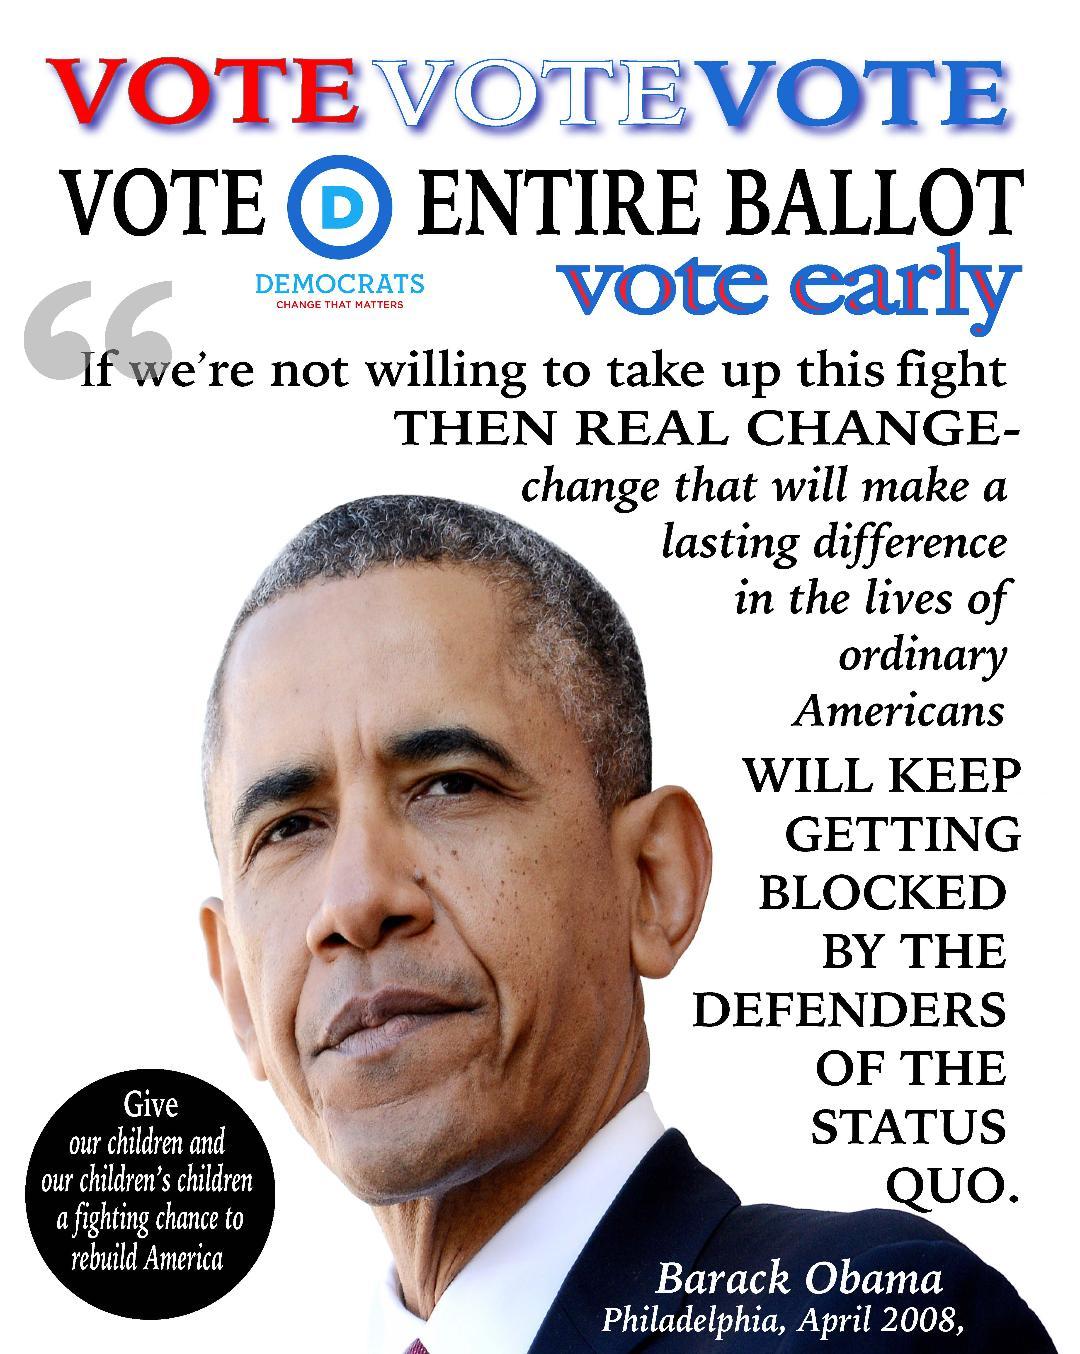 ObamaRealChange.jpg